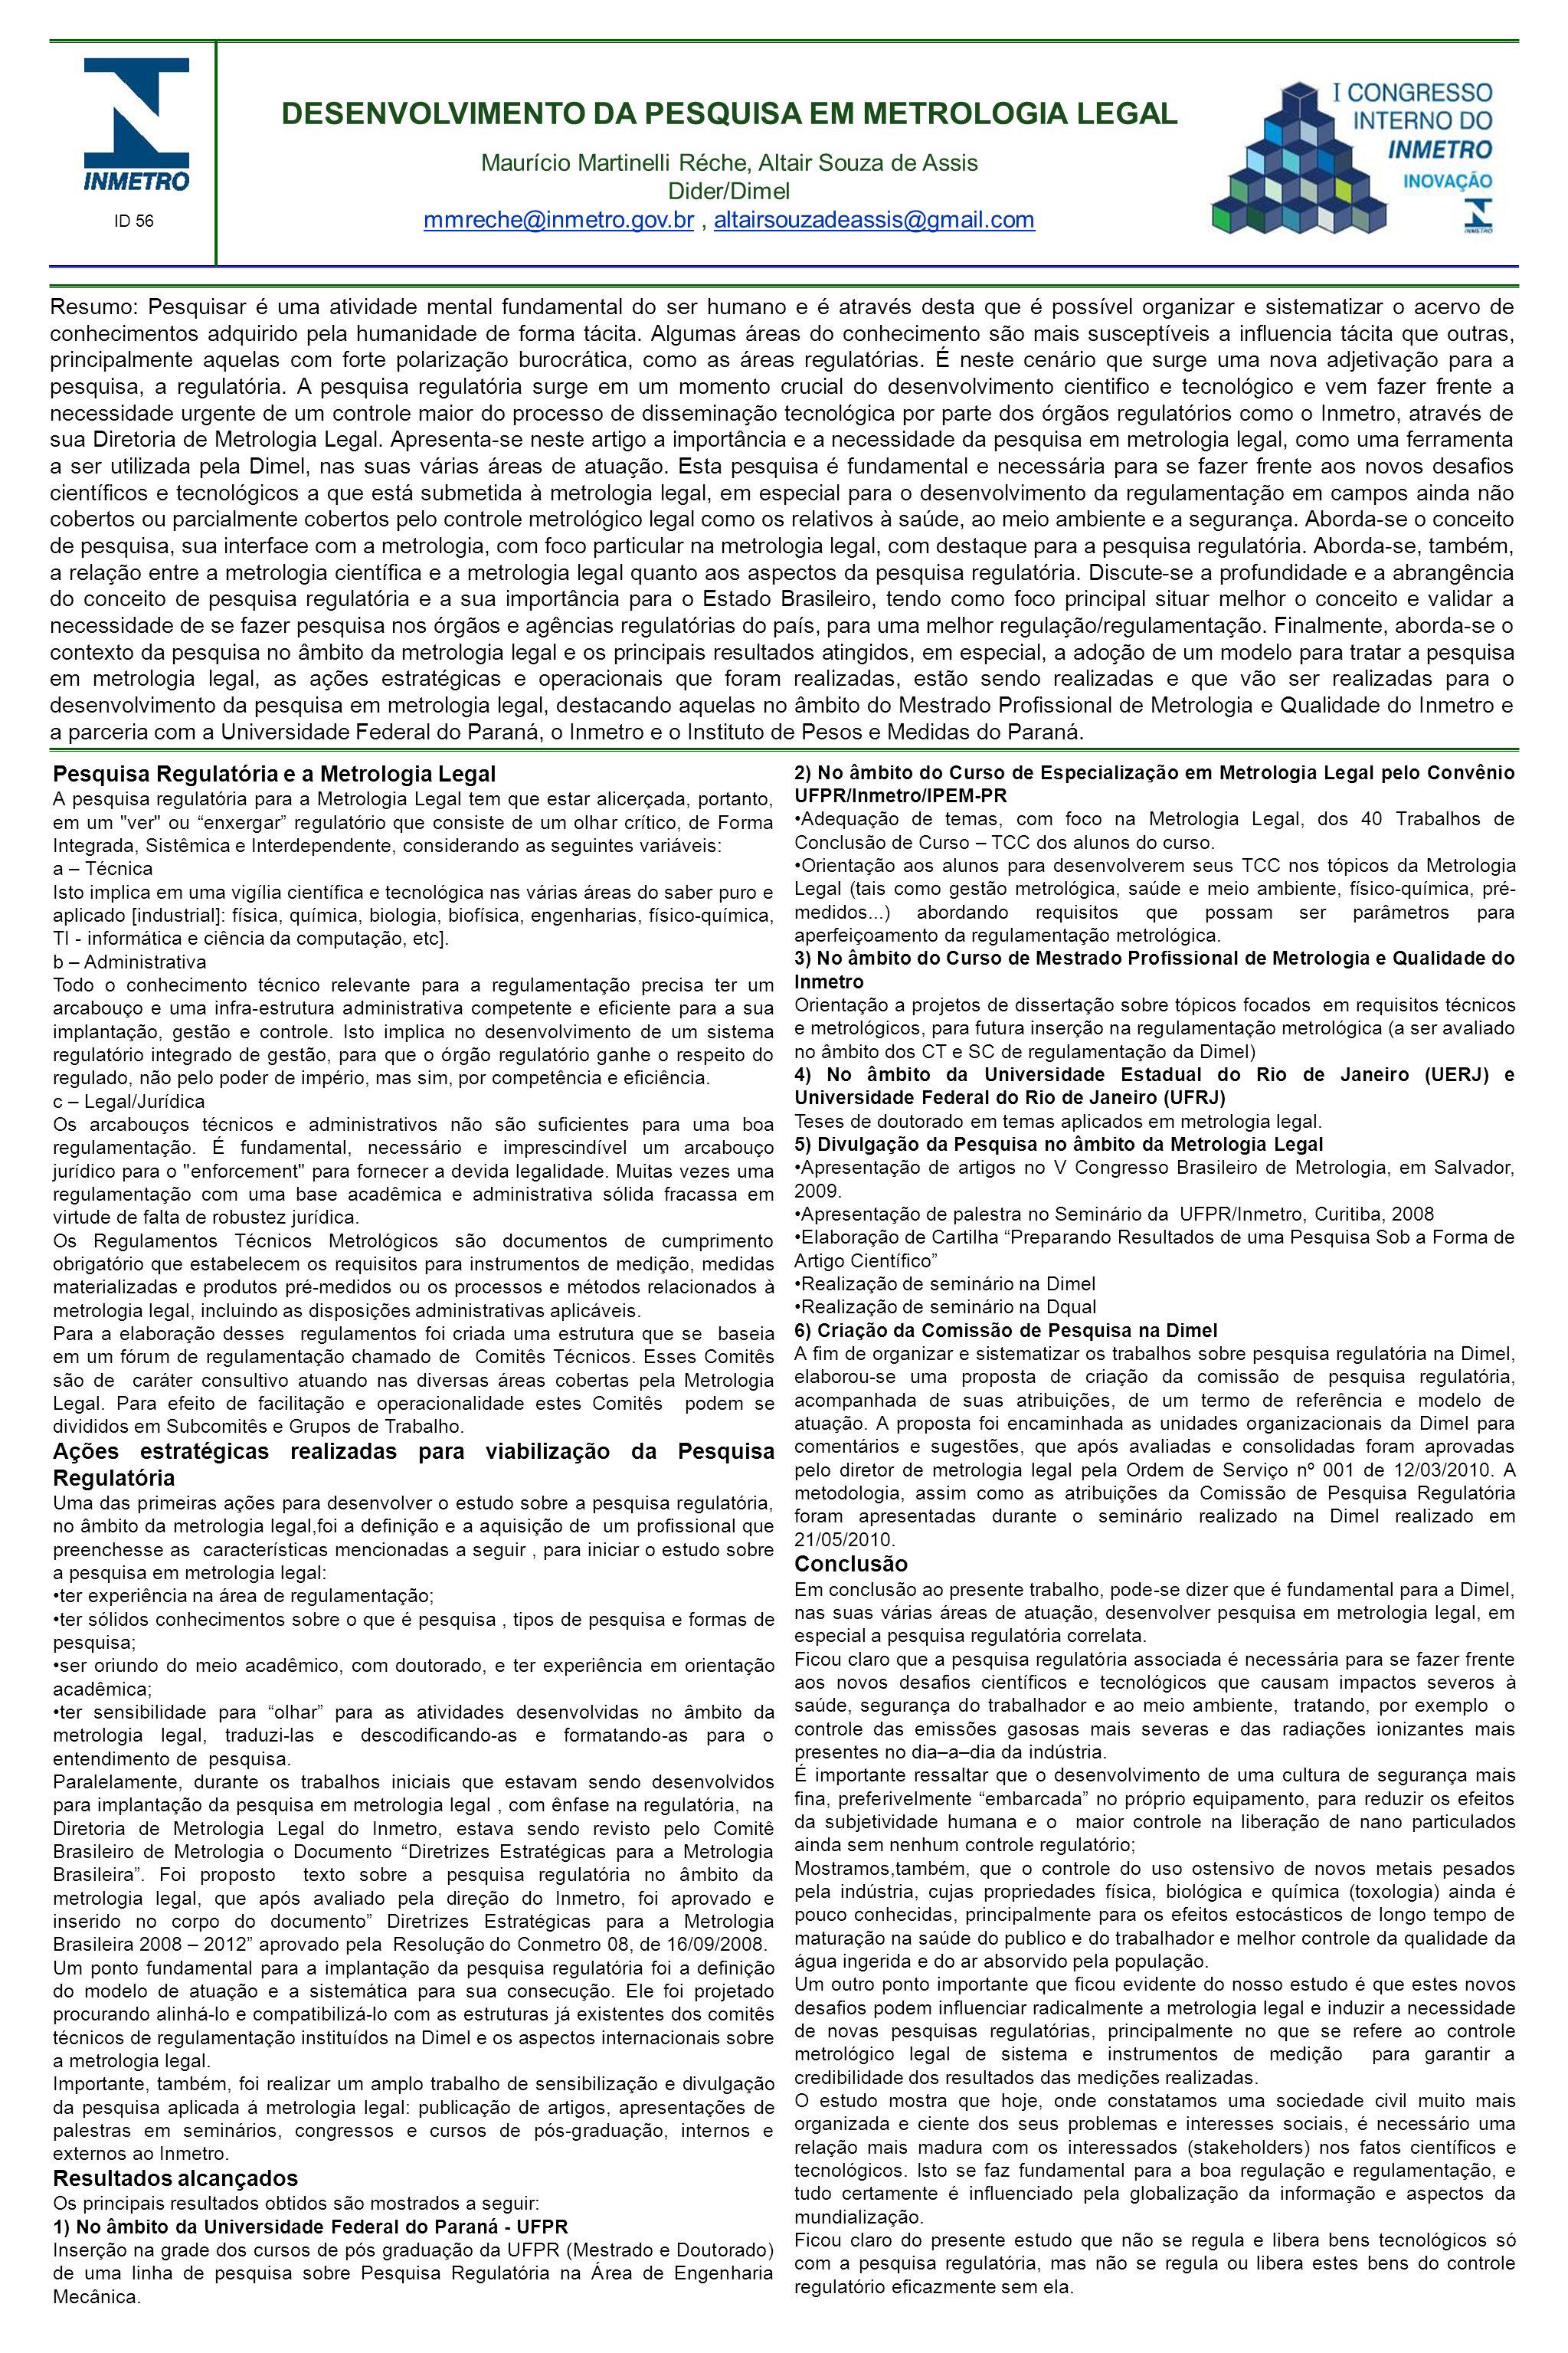 DESENVOLVIMENTO DA PESQUISA EM METROLOGIA LEGAL